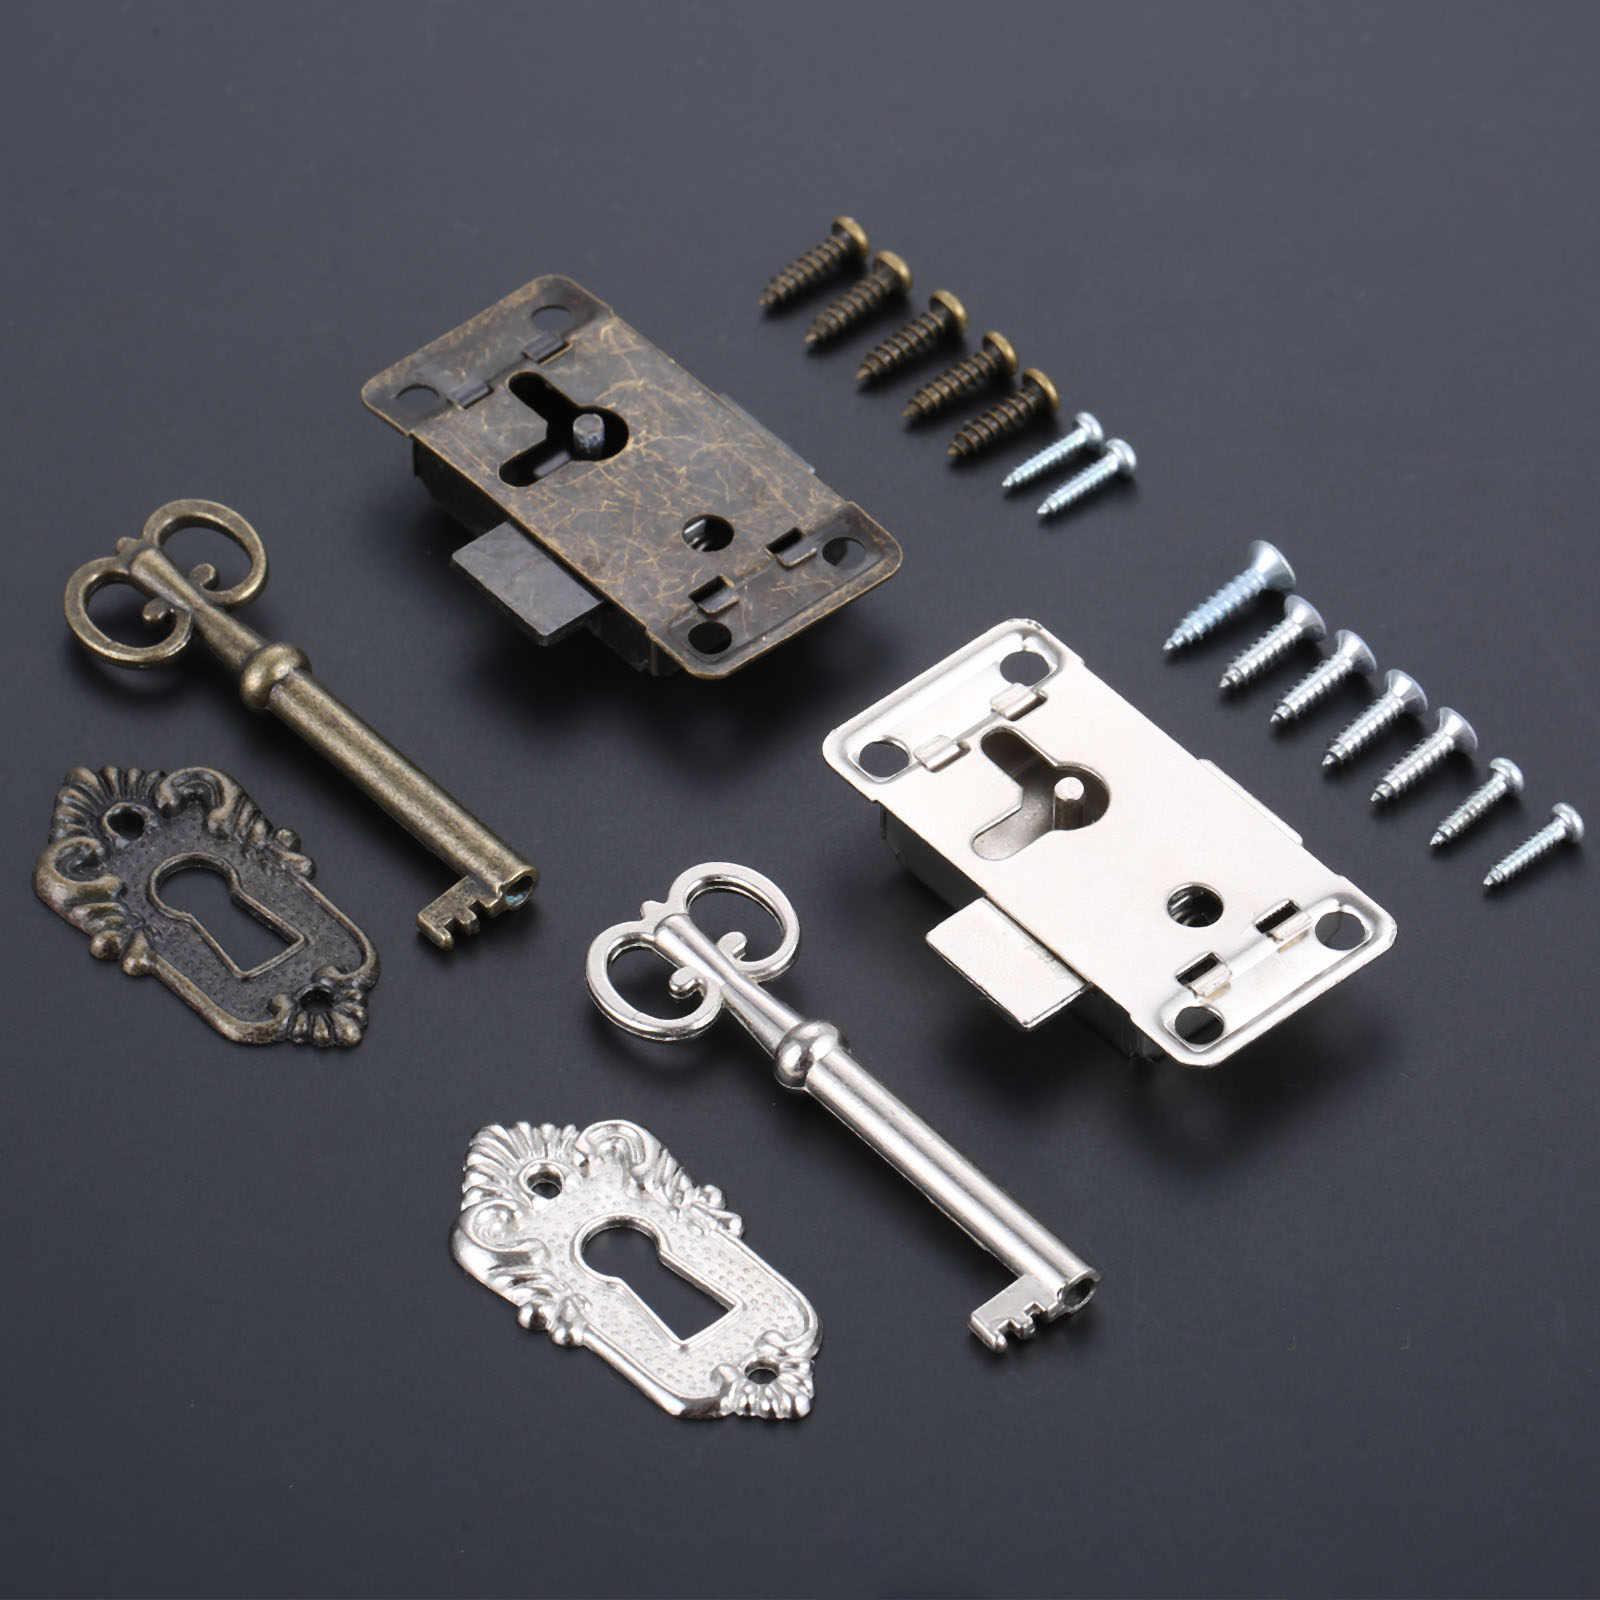 עתיק ברזל דלת מנעול מגירת ארון תכשיטי Archaize שלוס מלתחת ארון דלת מנעול + מפתח מסגר כלי סט מנעולים עם מפתח